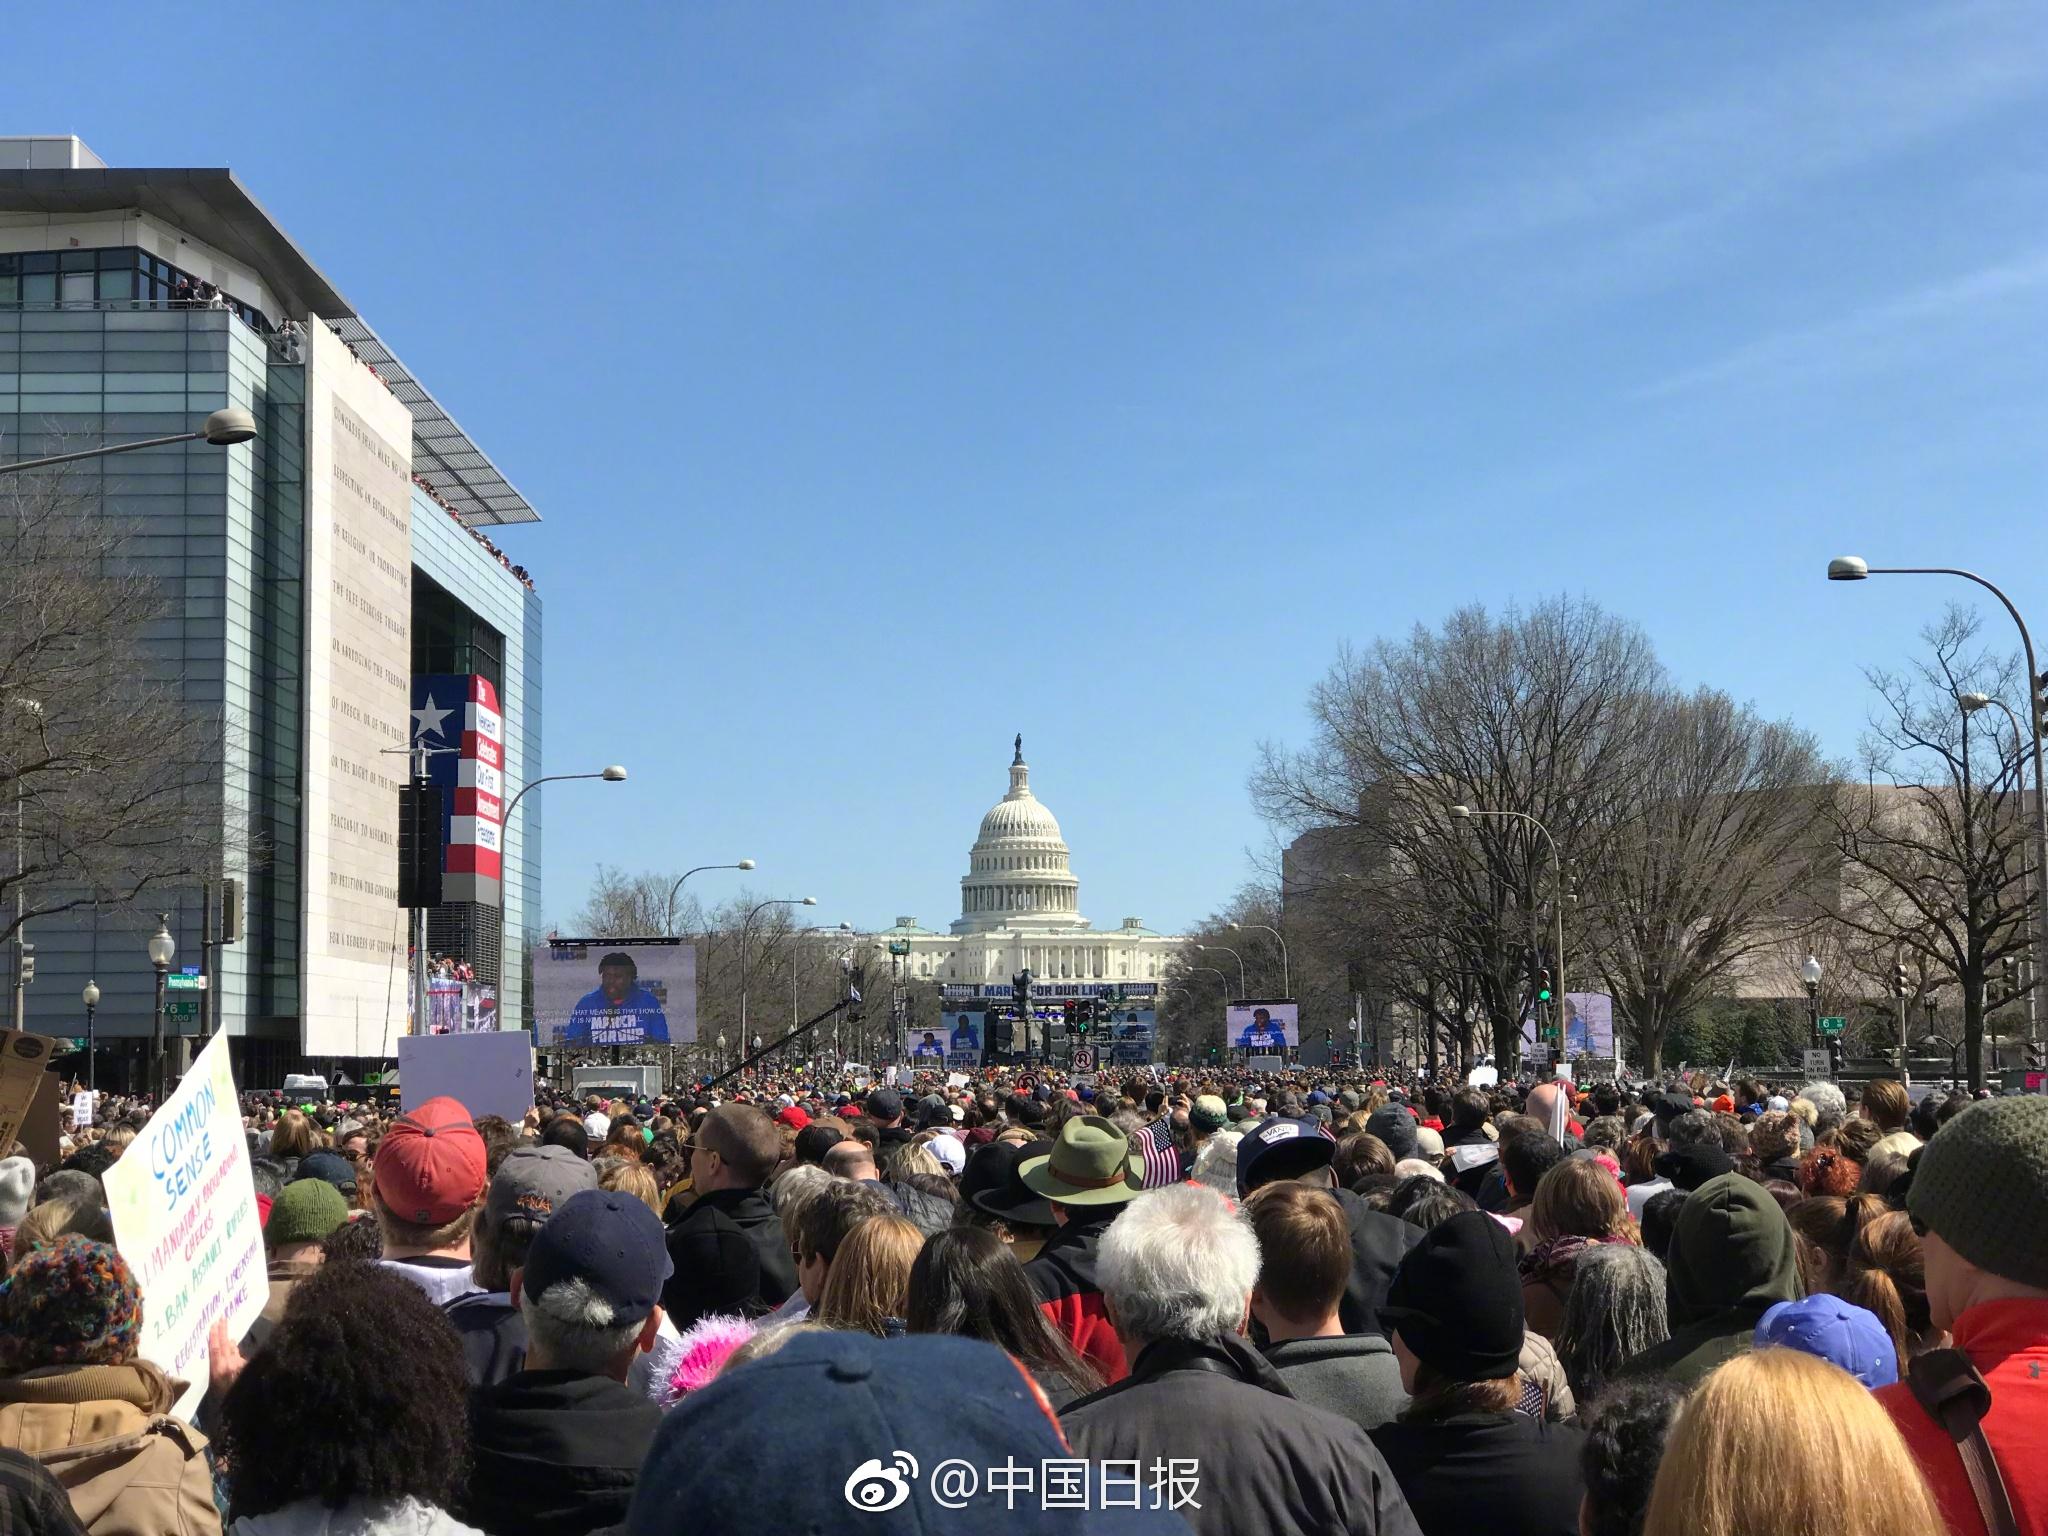 美媒:国会骚乱已致包括1名警察在内共5人死亡 93人被捕